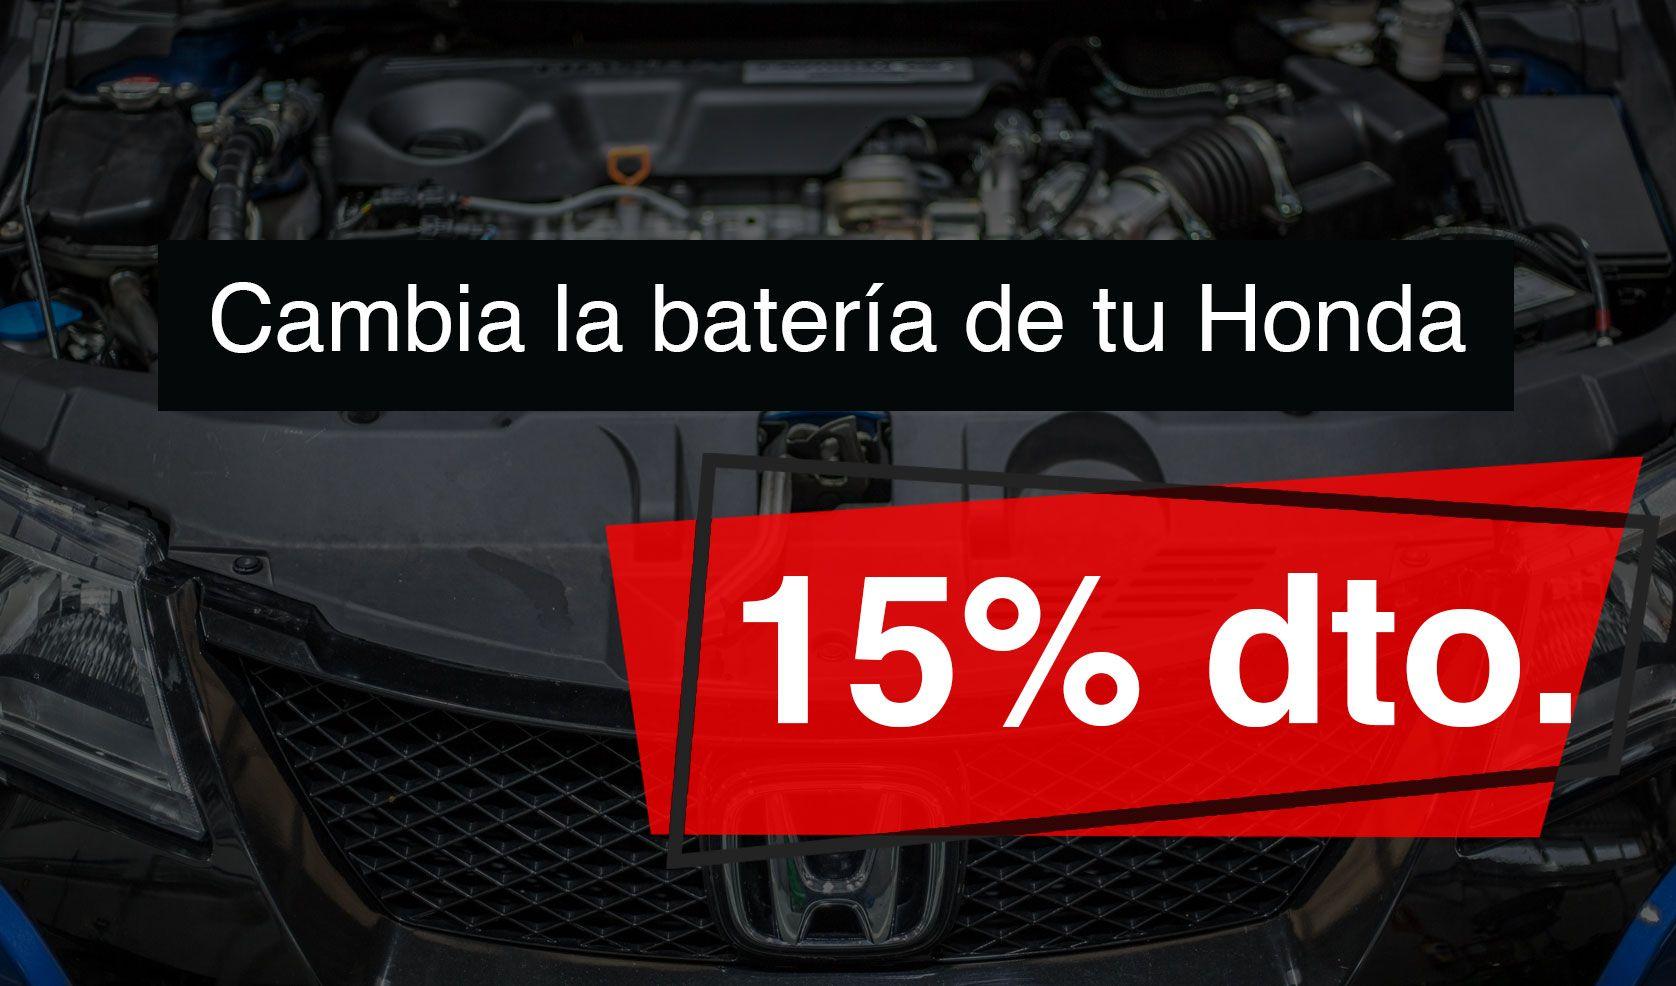 15% de dto. al cambiar la batería de su Honda